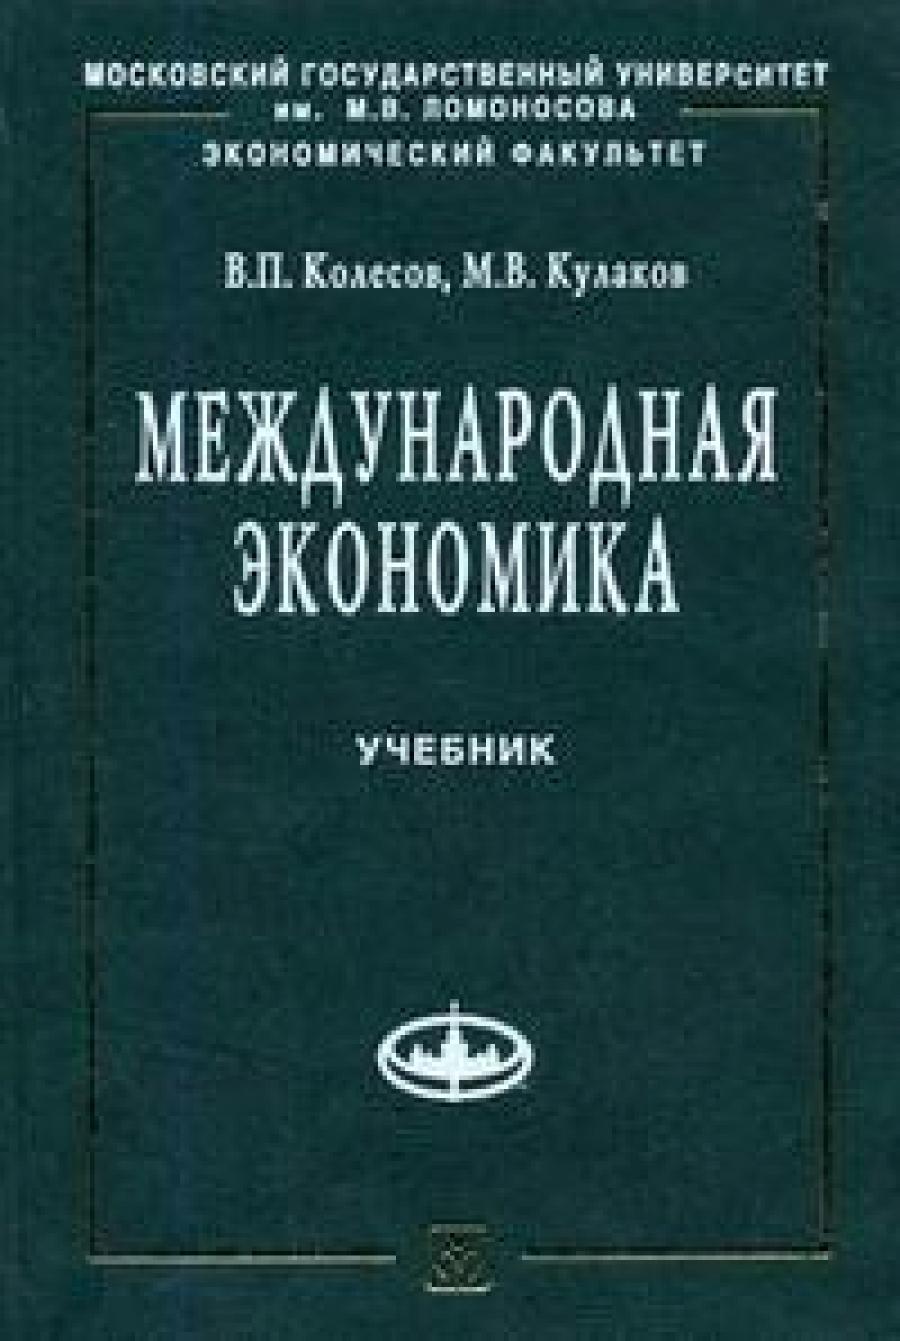 Обложка книги:  в.п.колесов, м.в.кулаков - международная экономика